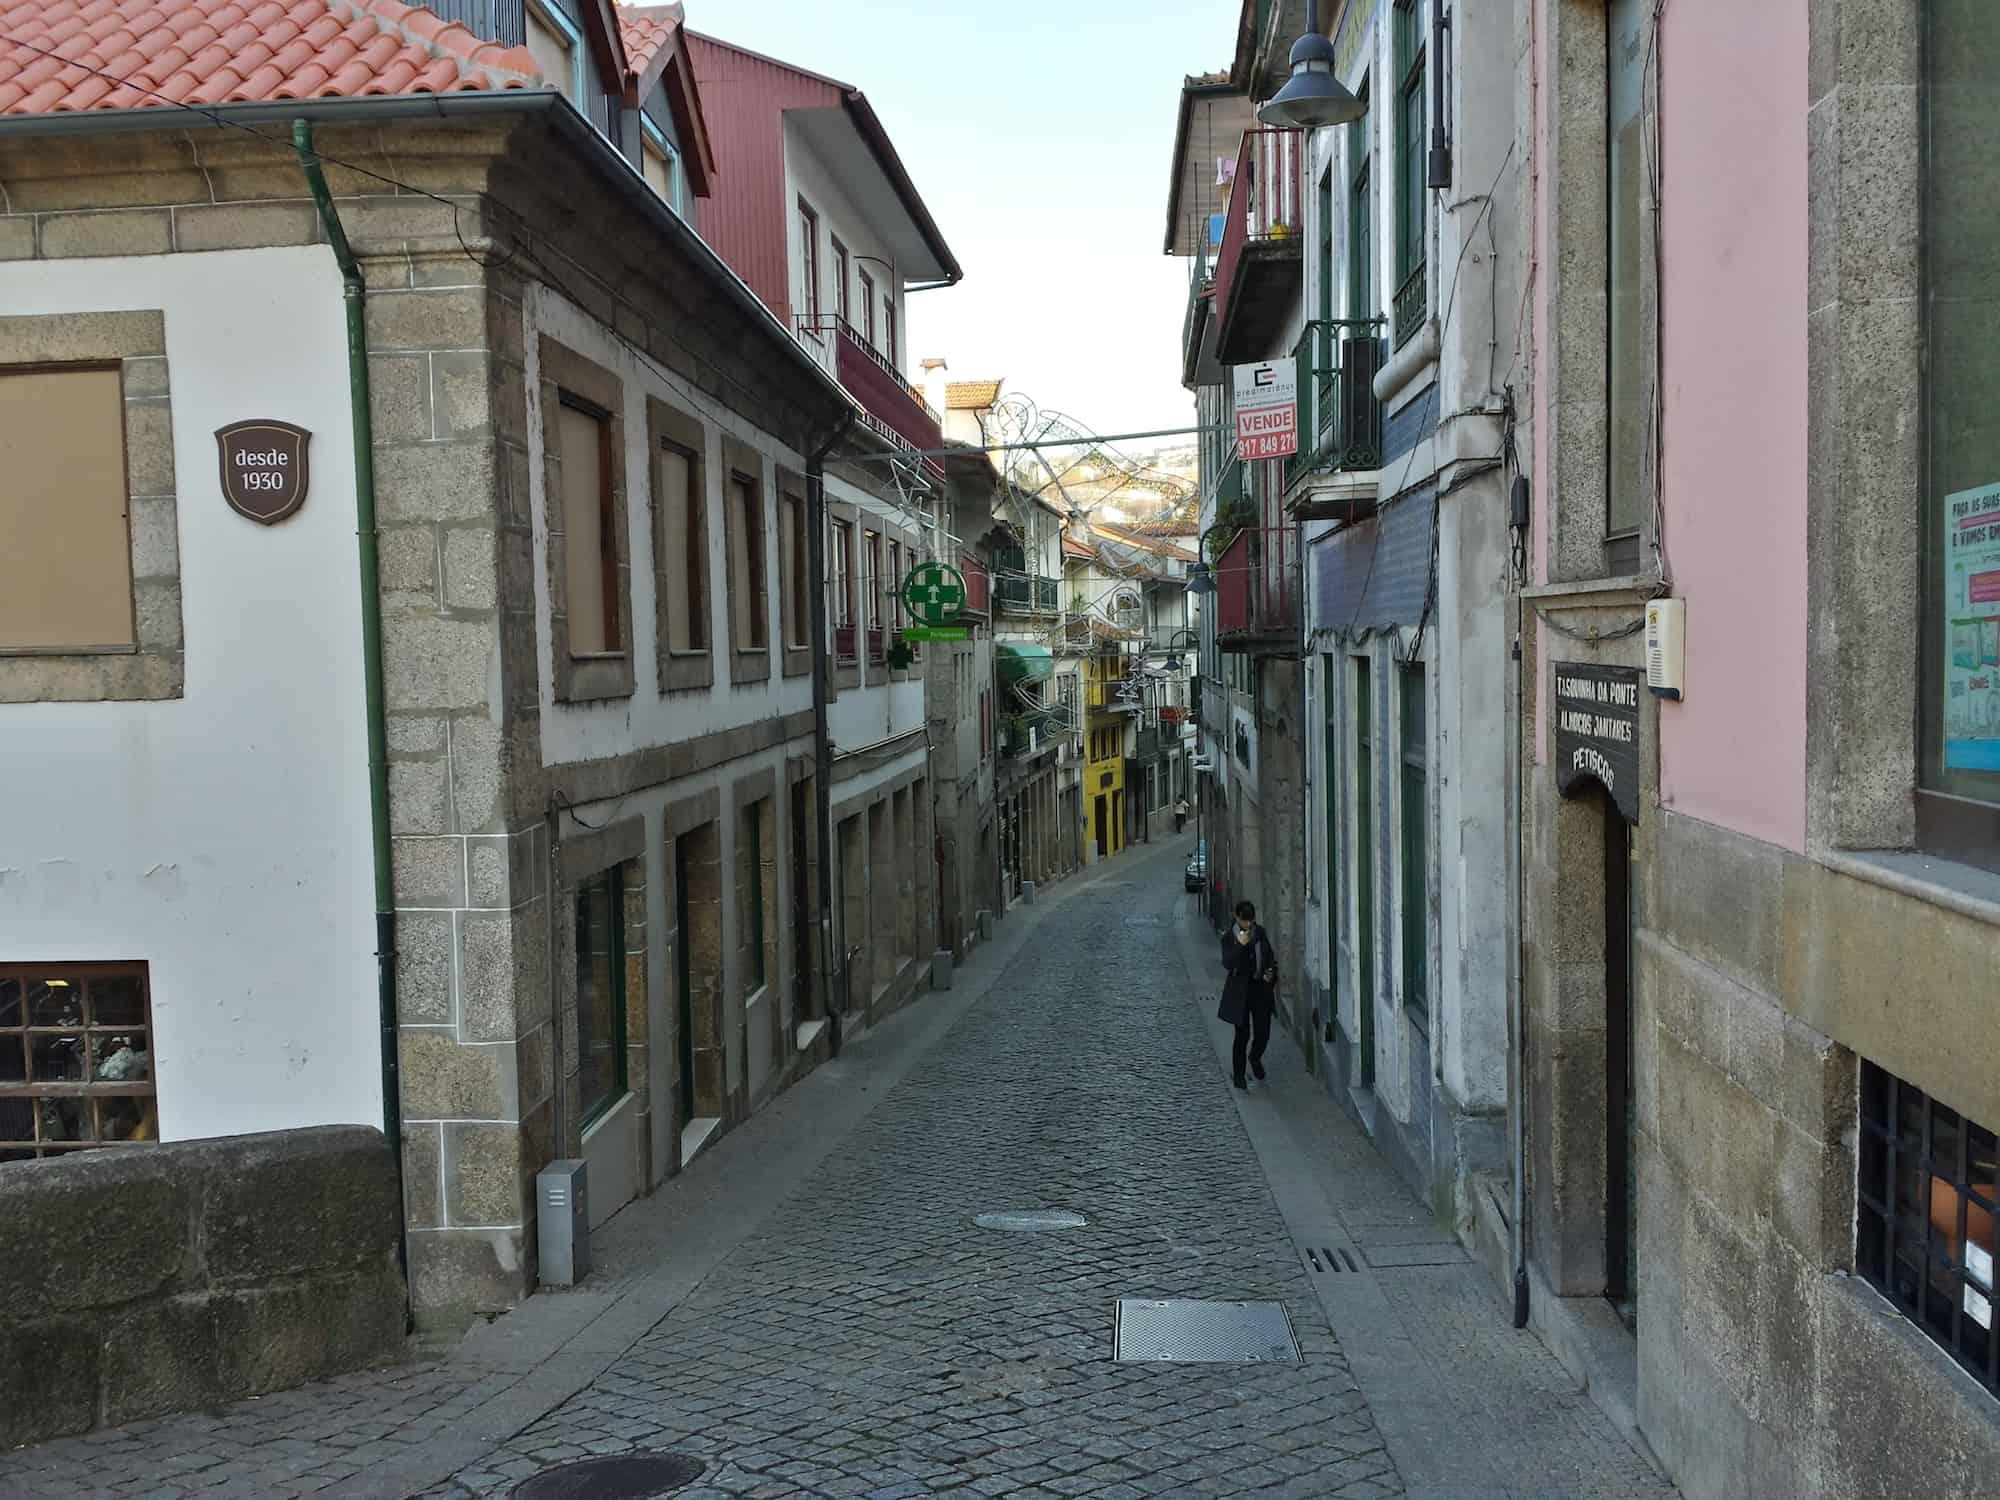 20131206_133330_Avenida General Silveira_Richtone(HDR)